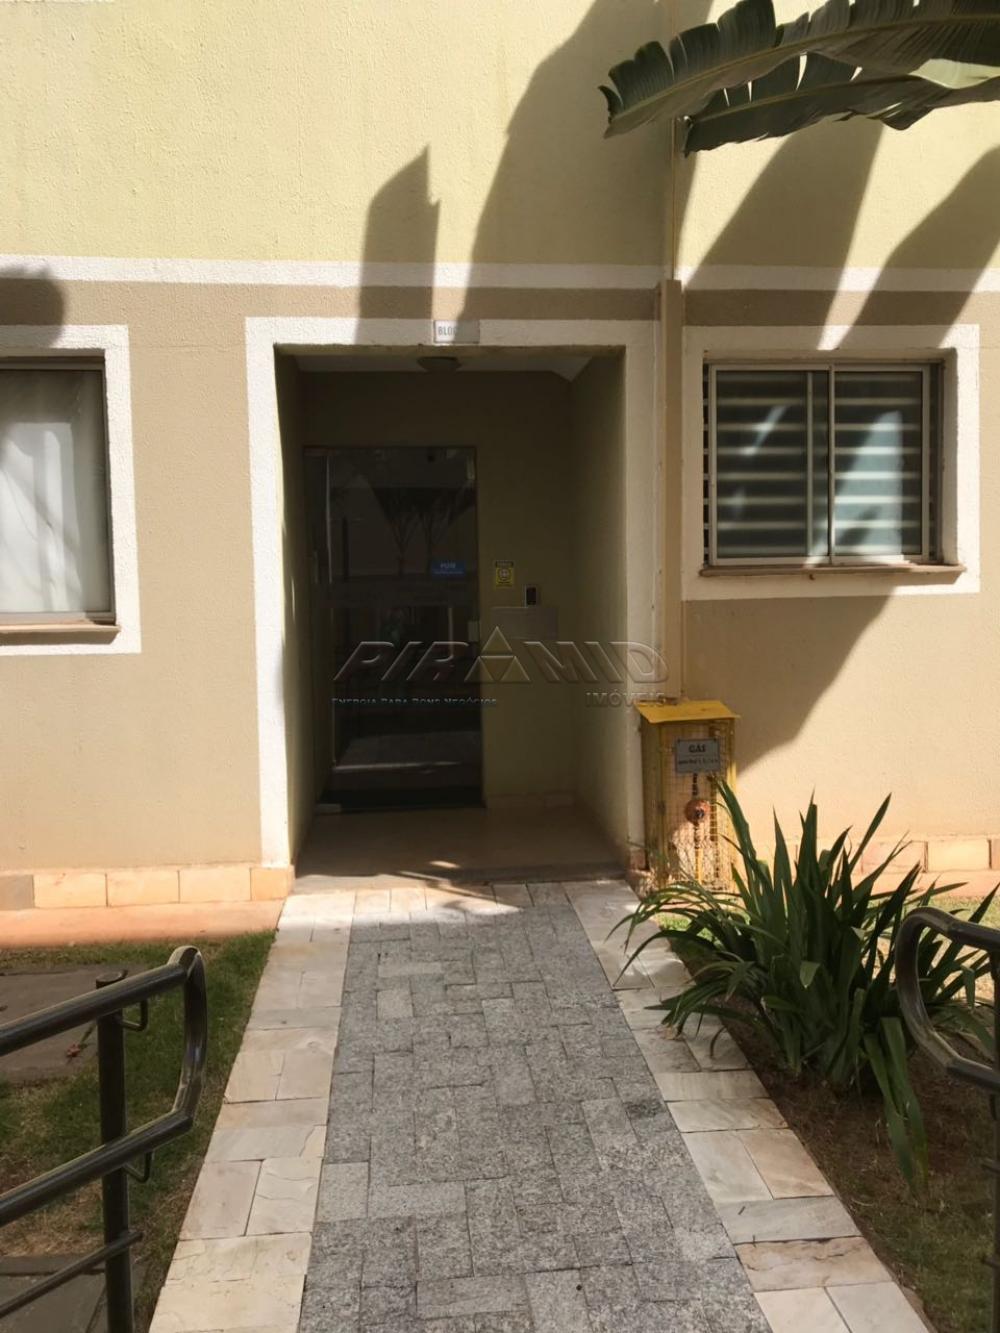 Comprar Apartamento / Padrão em Ribeirão Preto apenas R$ 180.000,00 - Foto 19